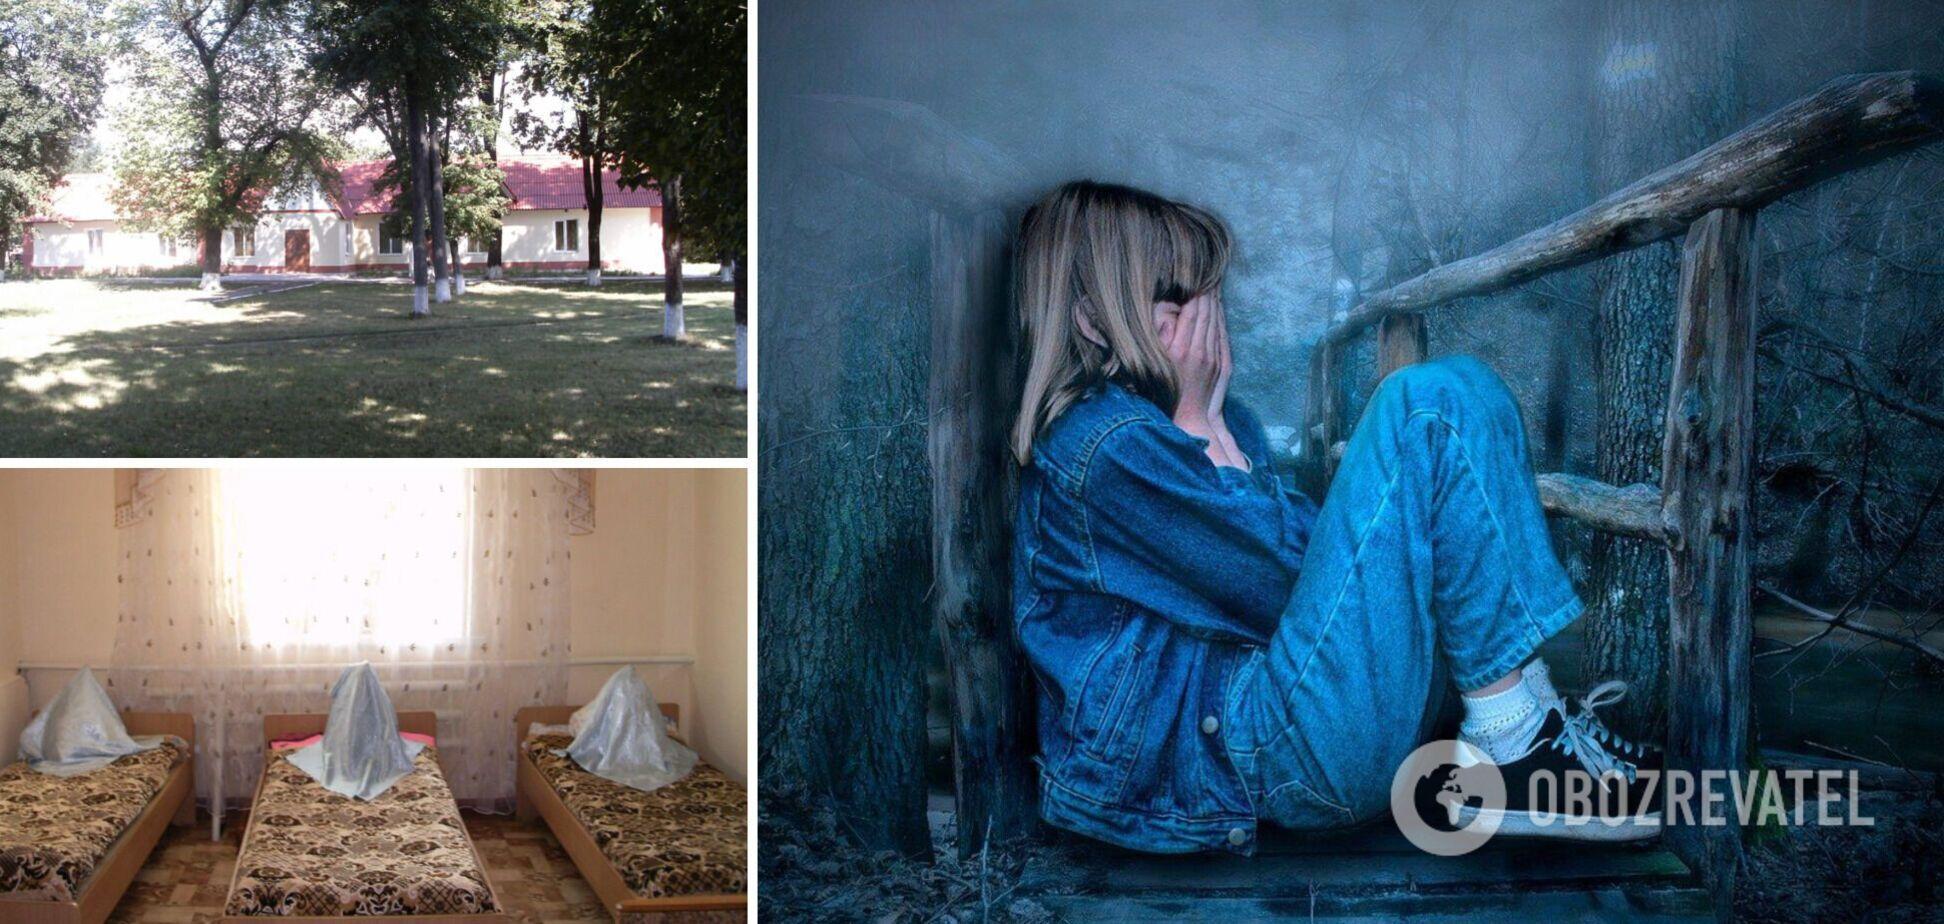 Избивали детей и заставляли девочек делать аборты: стало известно о новых скандалах в интернате на Николаевщине